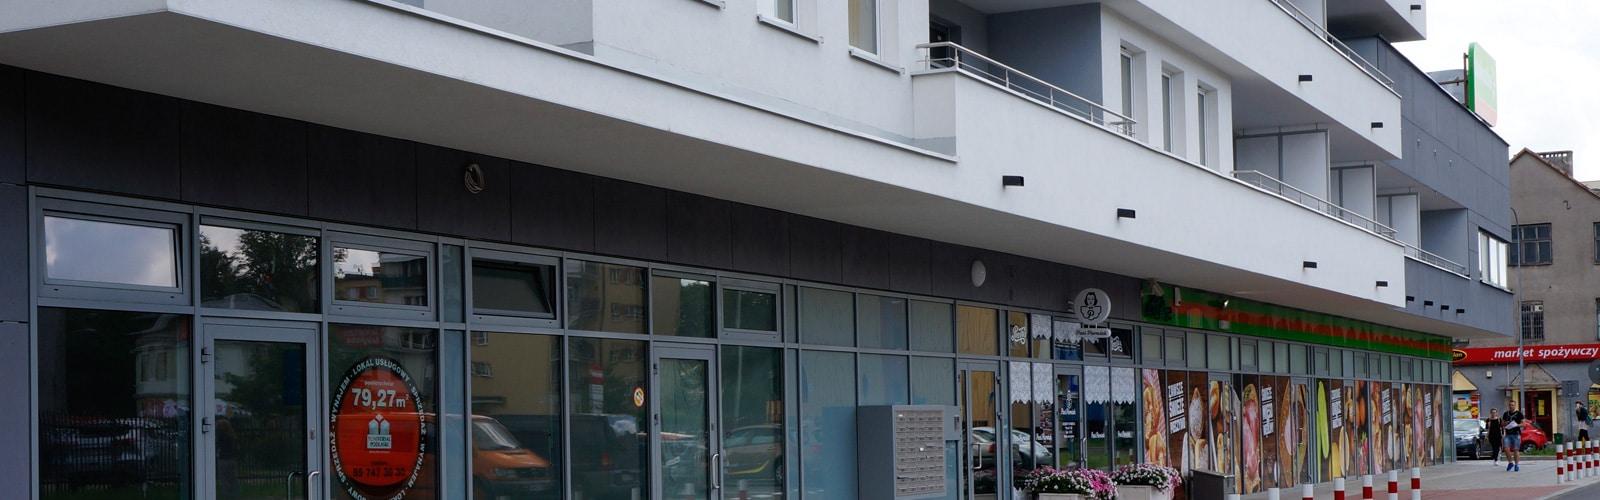 Vitron - Producent stolarki pcv i aluminium - Realizacje